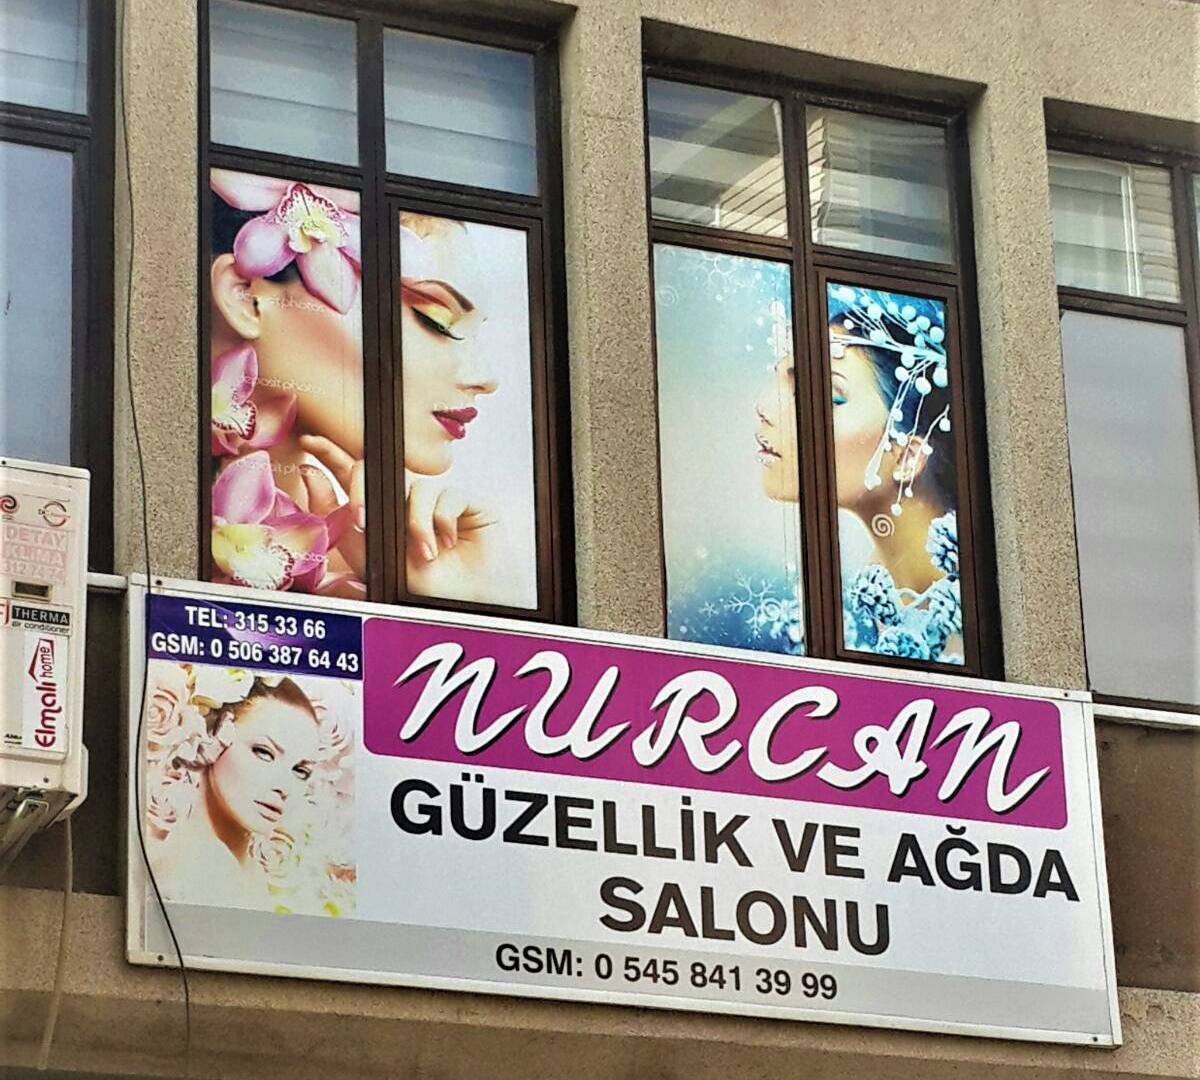 Nurcan-Güzellik-07